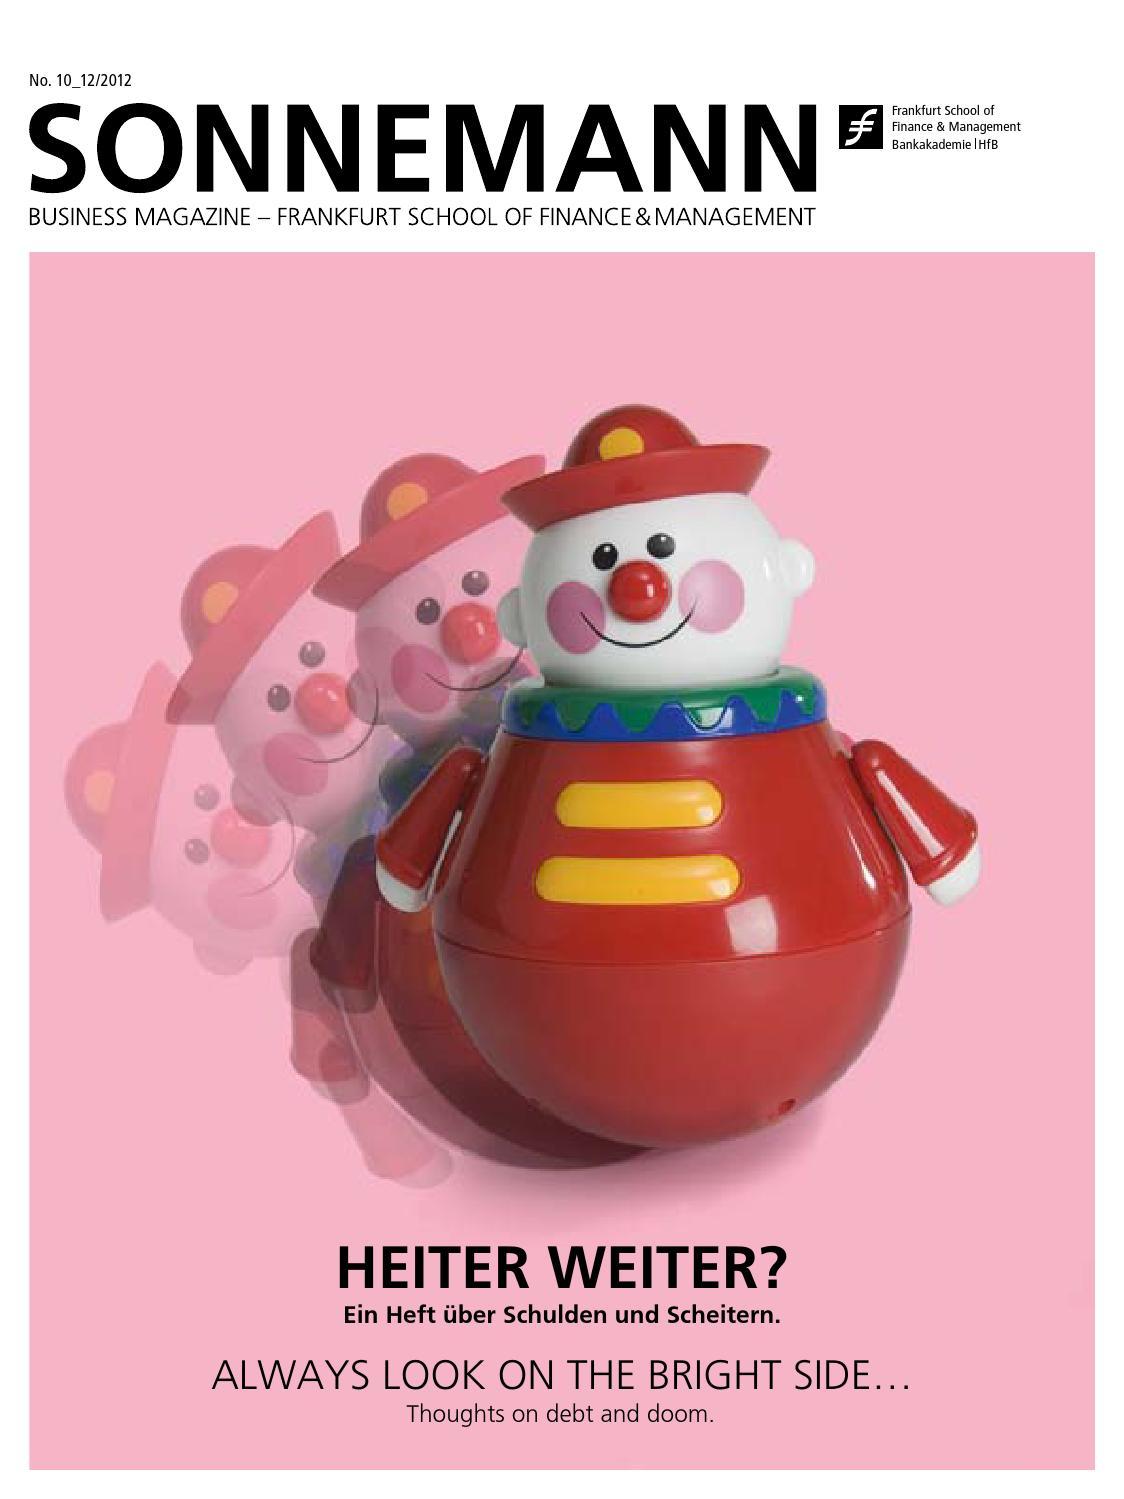 Sonnemann 10_12/2012 by Frankfurt School of Finance and Management ...